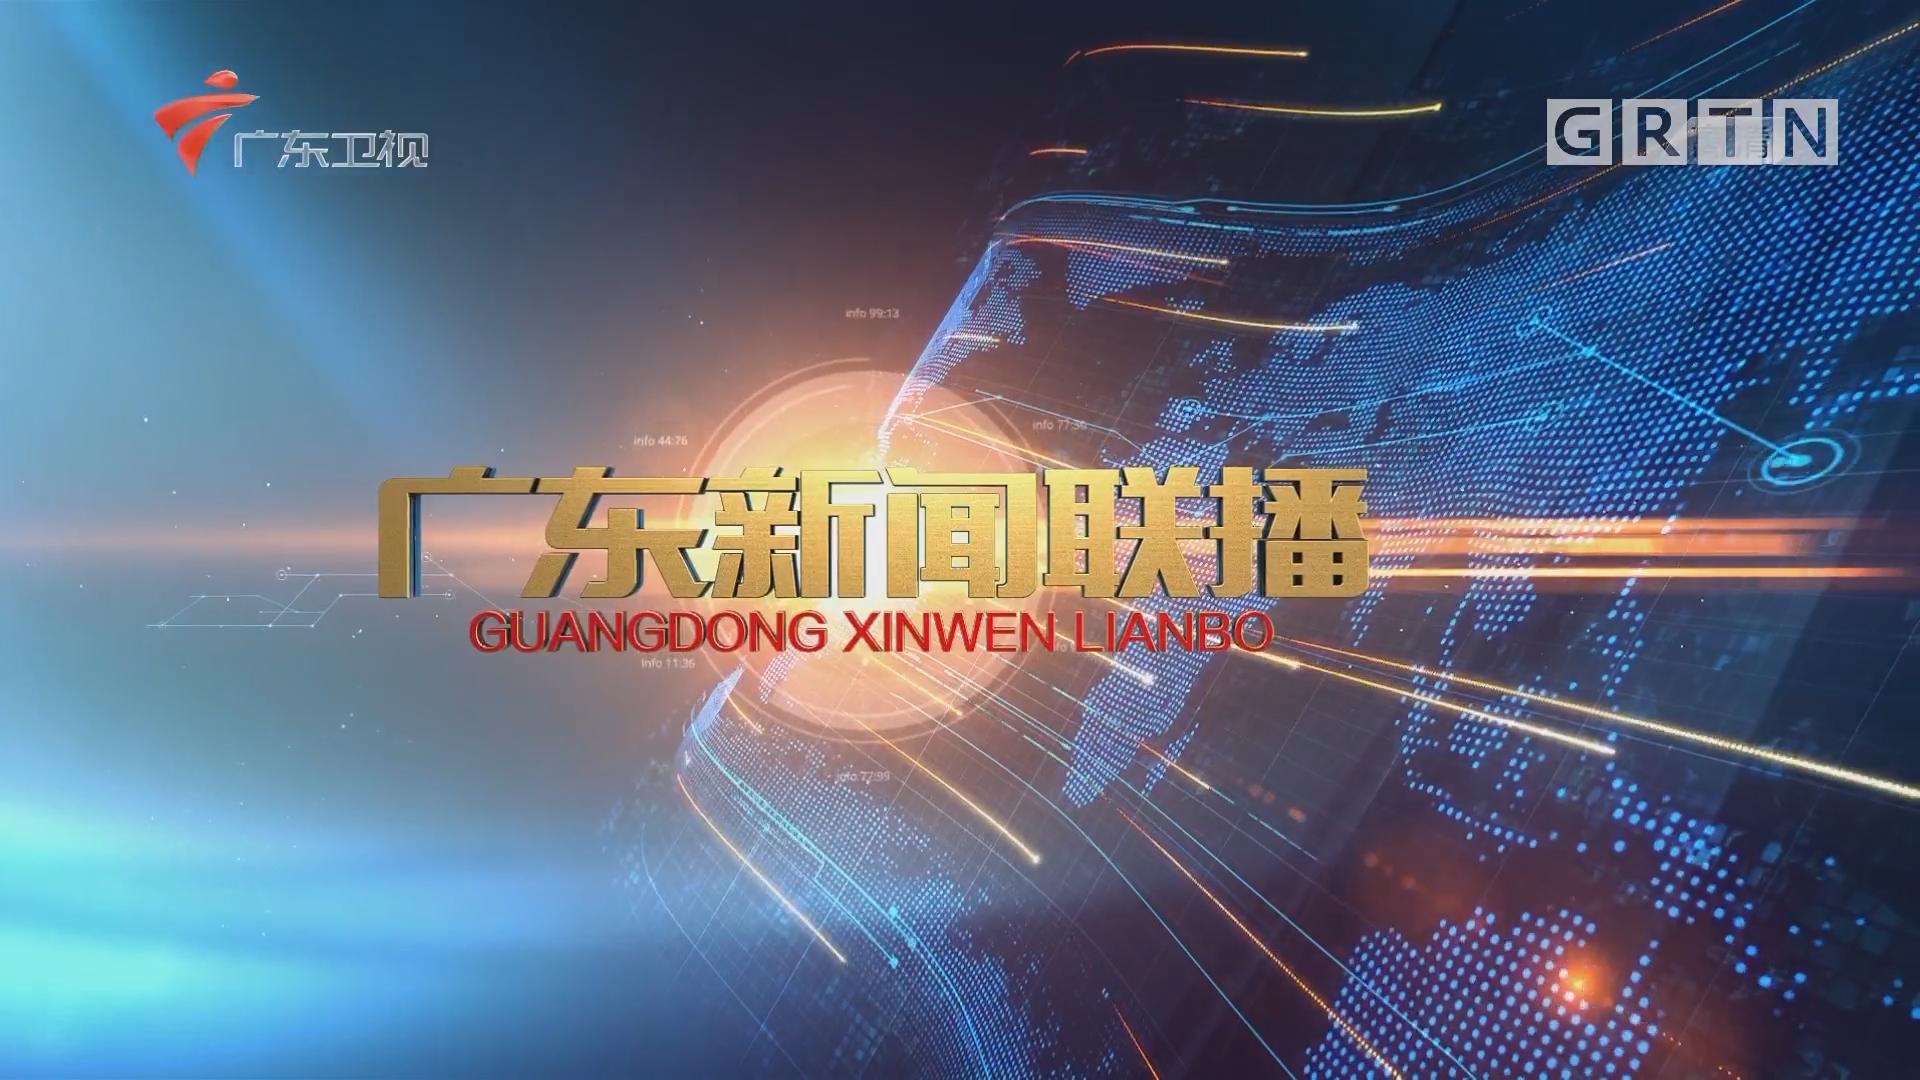 [HD][2018-12-24]广东新闻联播:李希马兴瑞会见我省获得改革先锋称号的模范人物代表